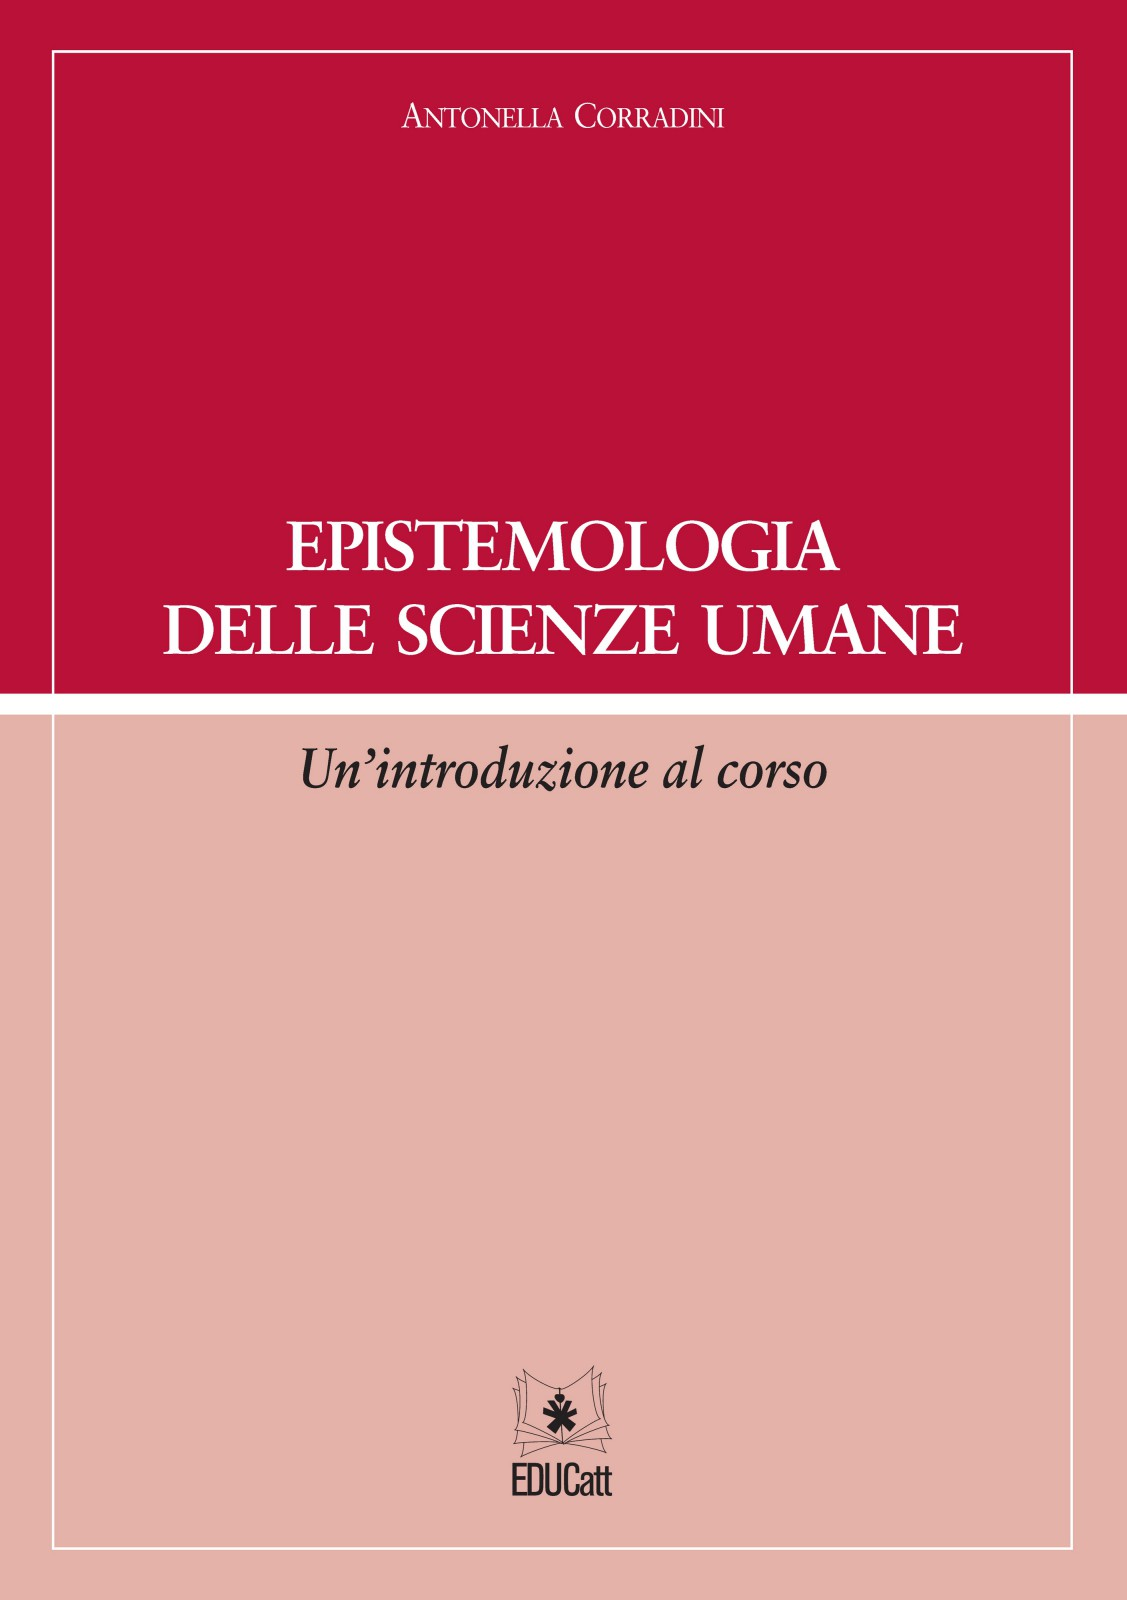 EPISTEMOLOGIA DELLE SCIENZE UMANE. UN'INTRODUZIONE AL CORSO